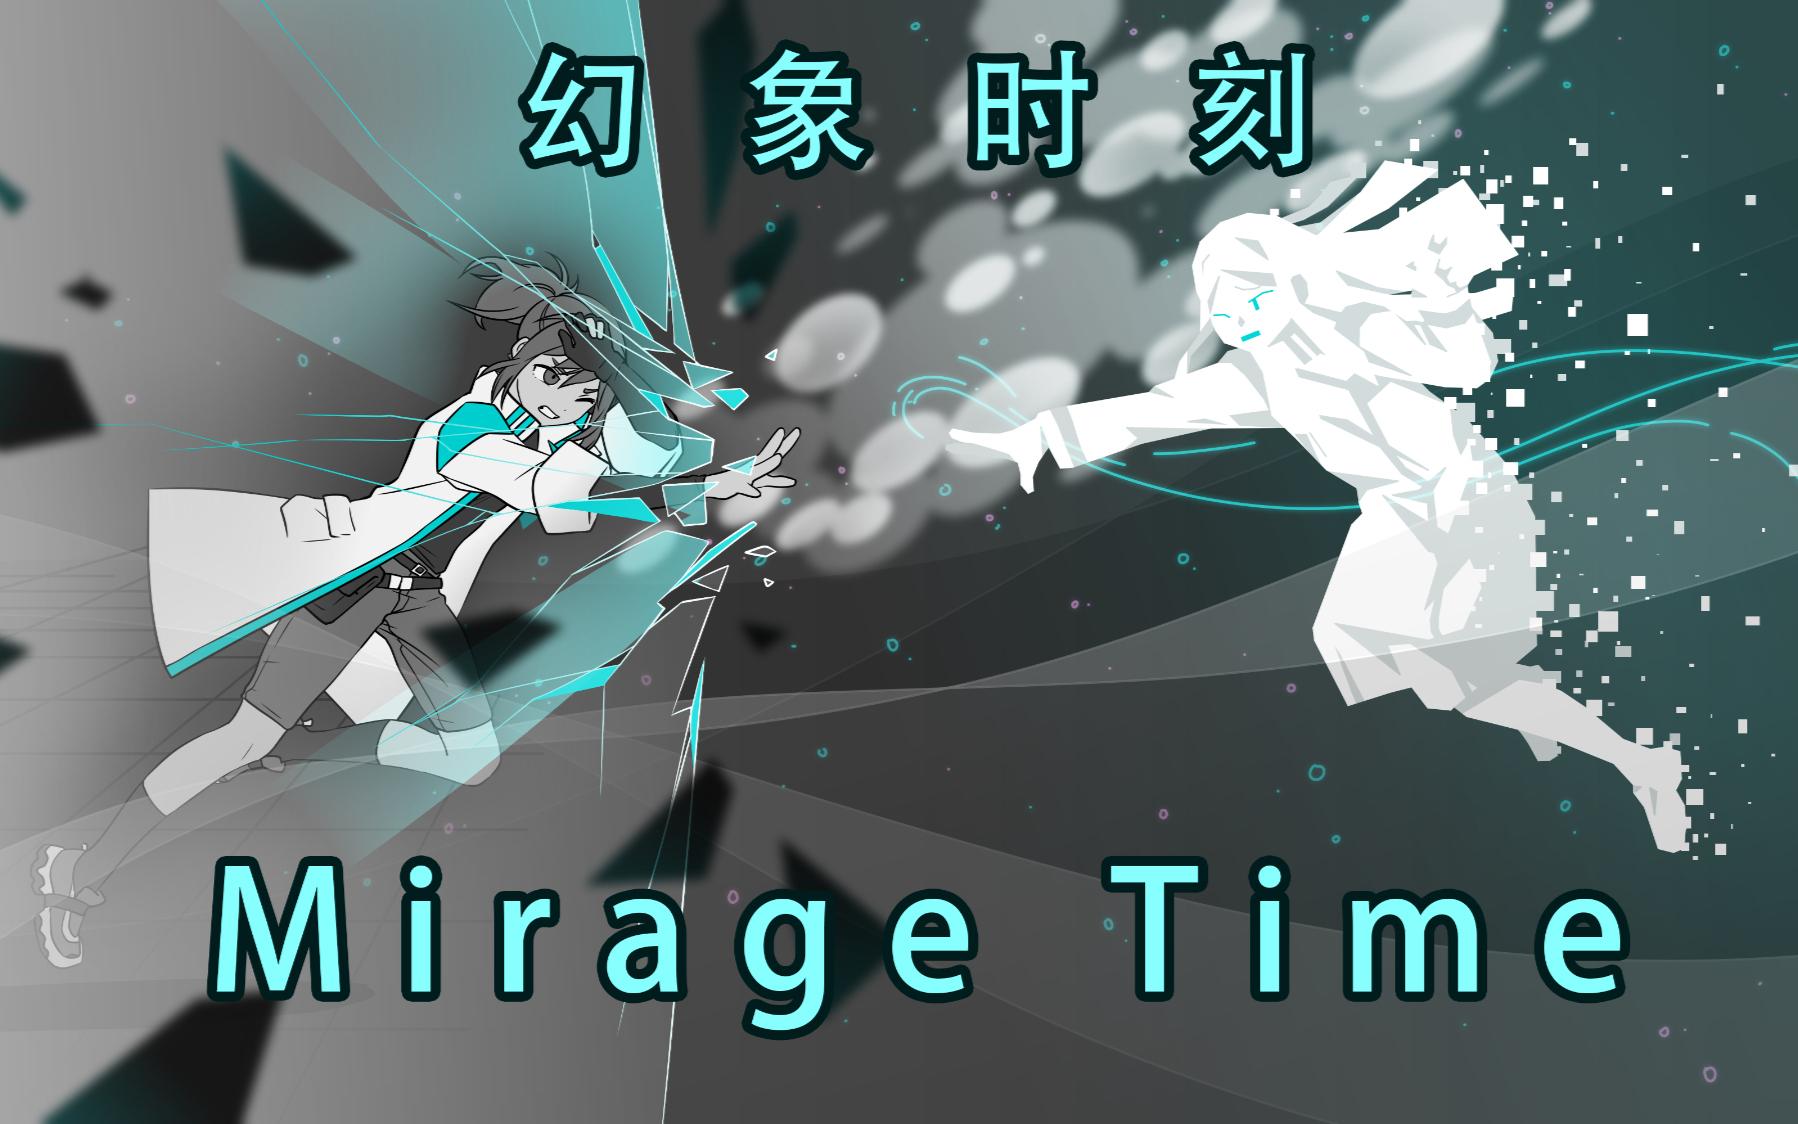 【原创系列曲】第一章:Mirage Time-幻象时刻【A站首发】【KANATA】